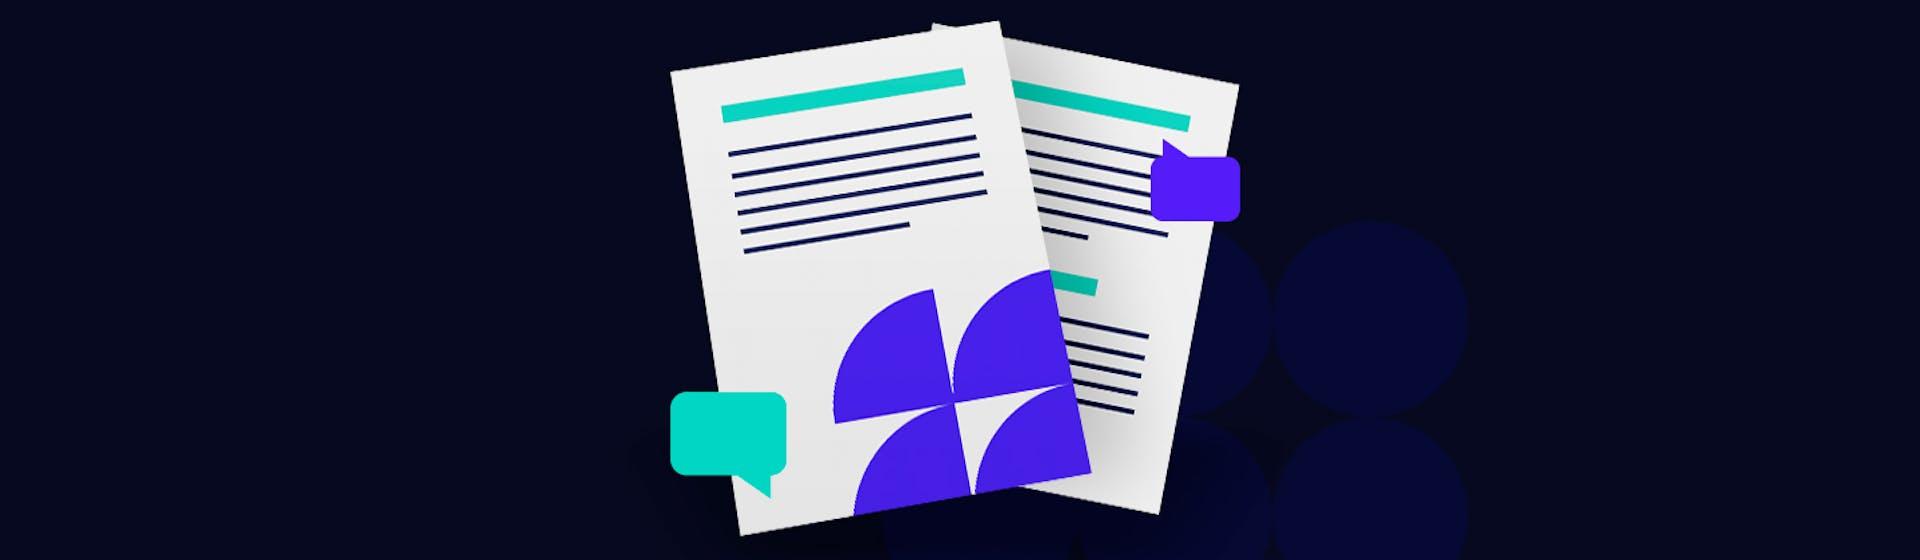 ¿Qué es una carta de opinión? ¡Expresa tus ideas con libertad!